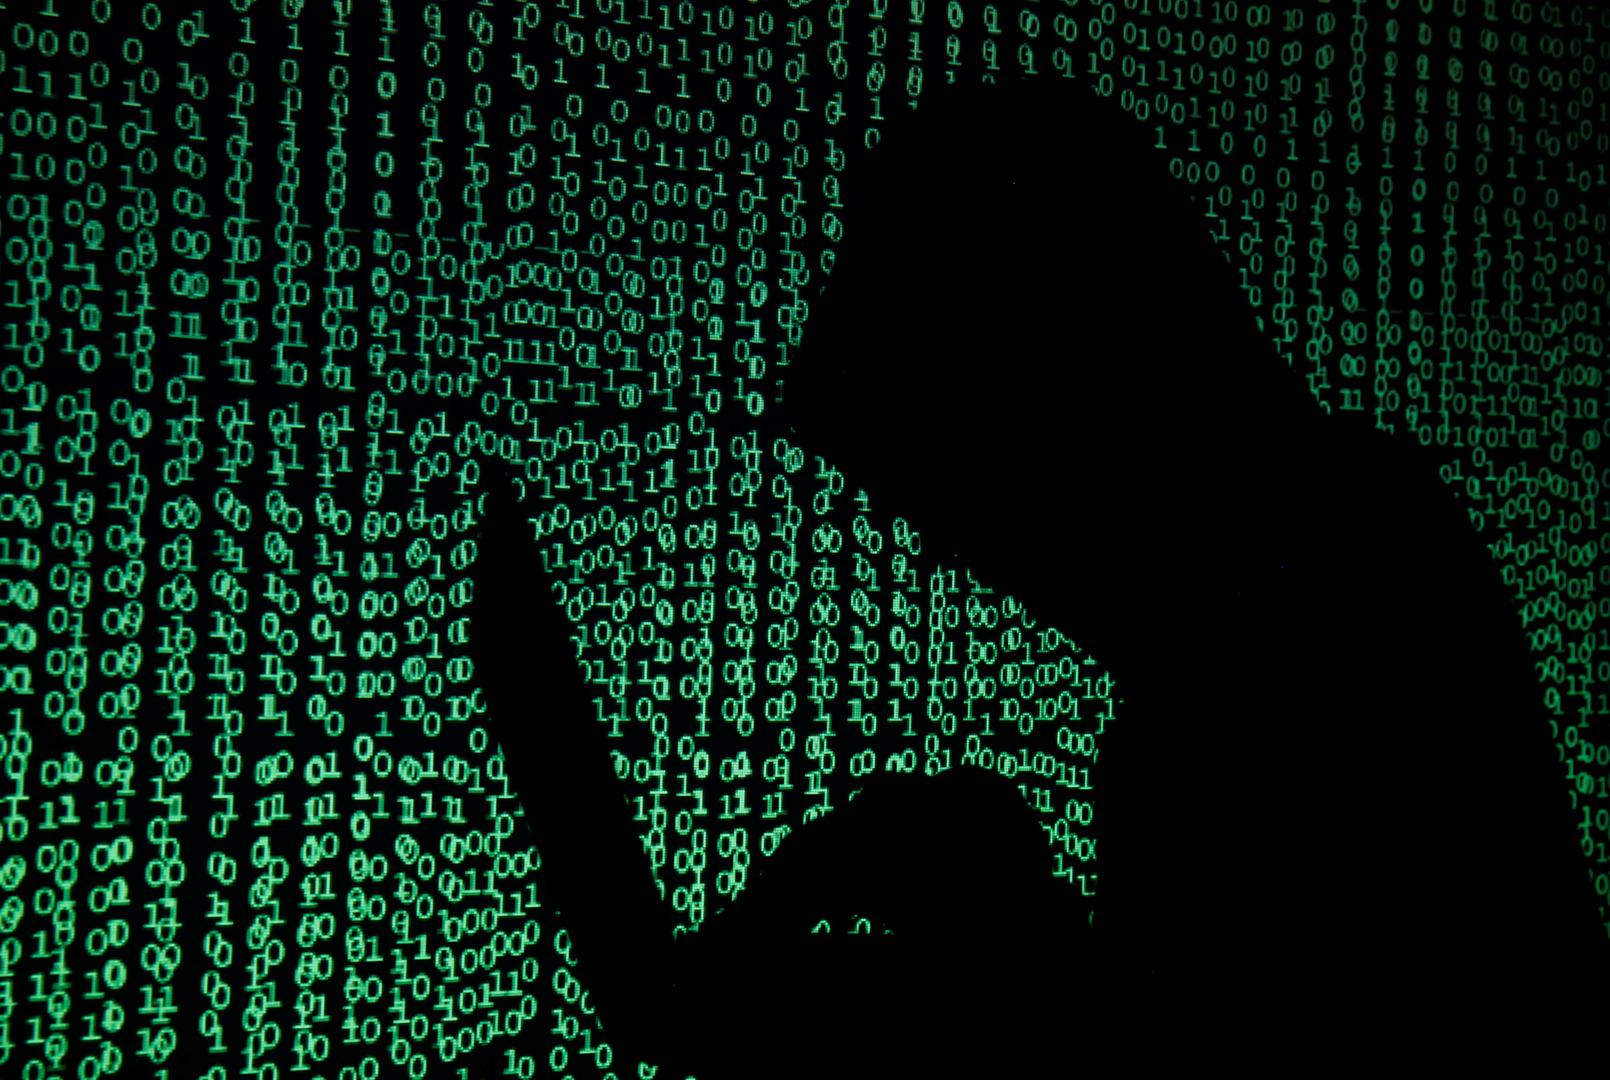 أكبر شركة أنابيب نفط أمريكية تعلق عملياتها إثر هجوم سيبراني